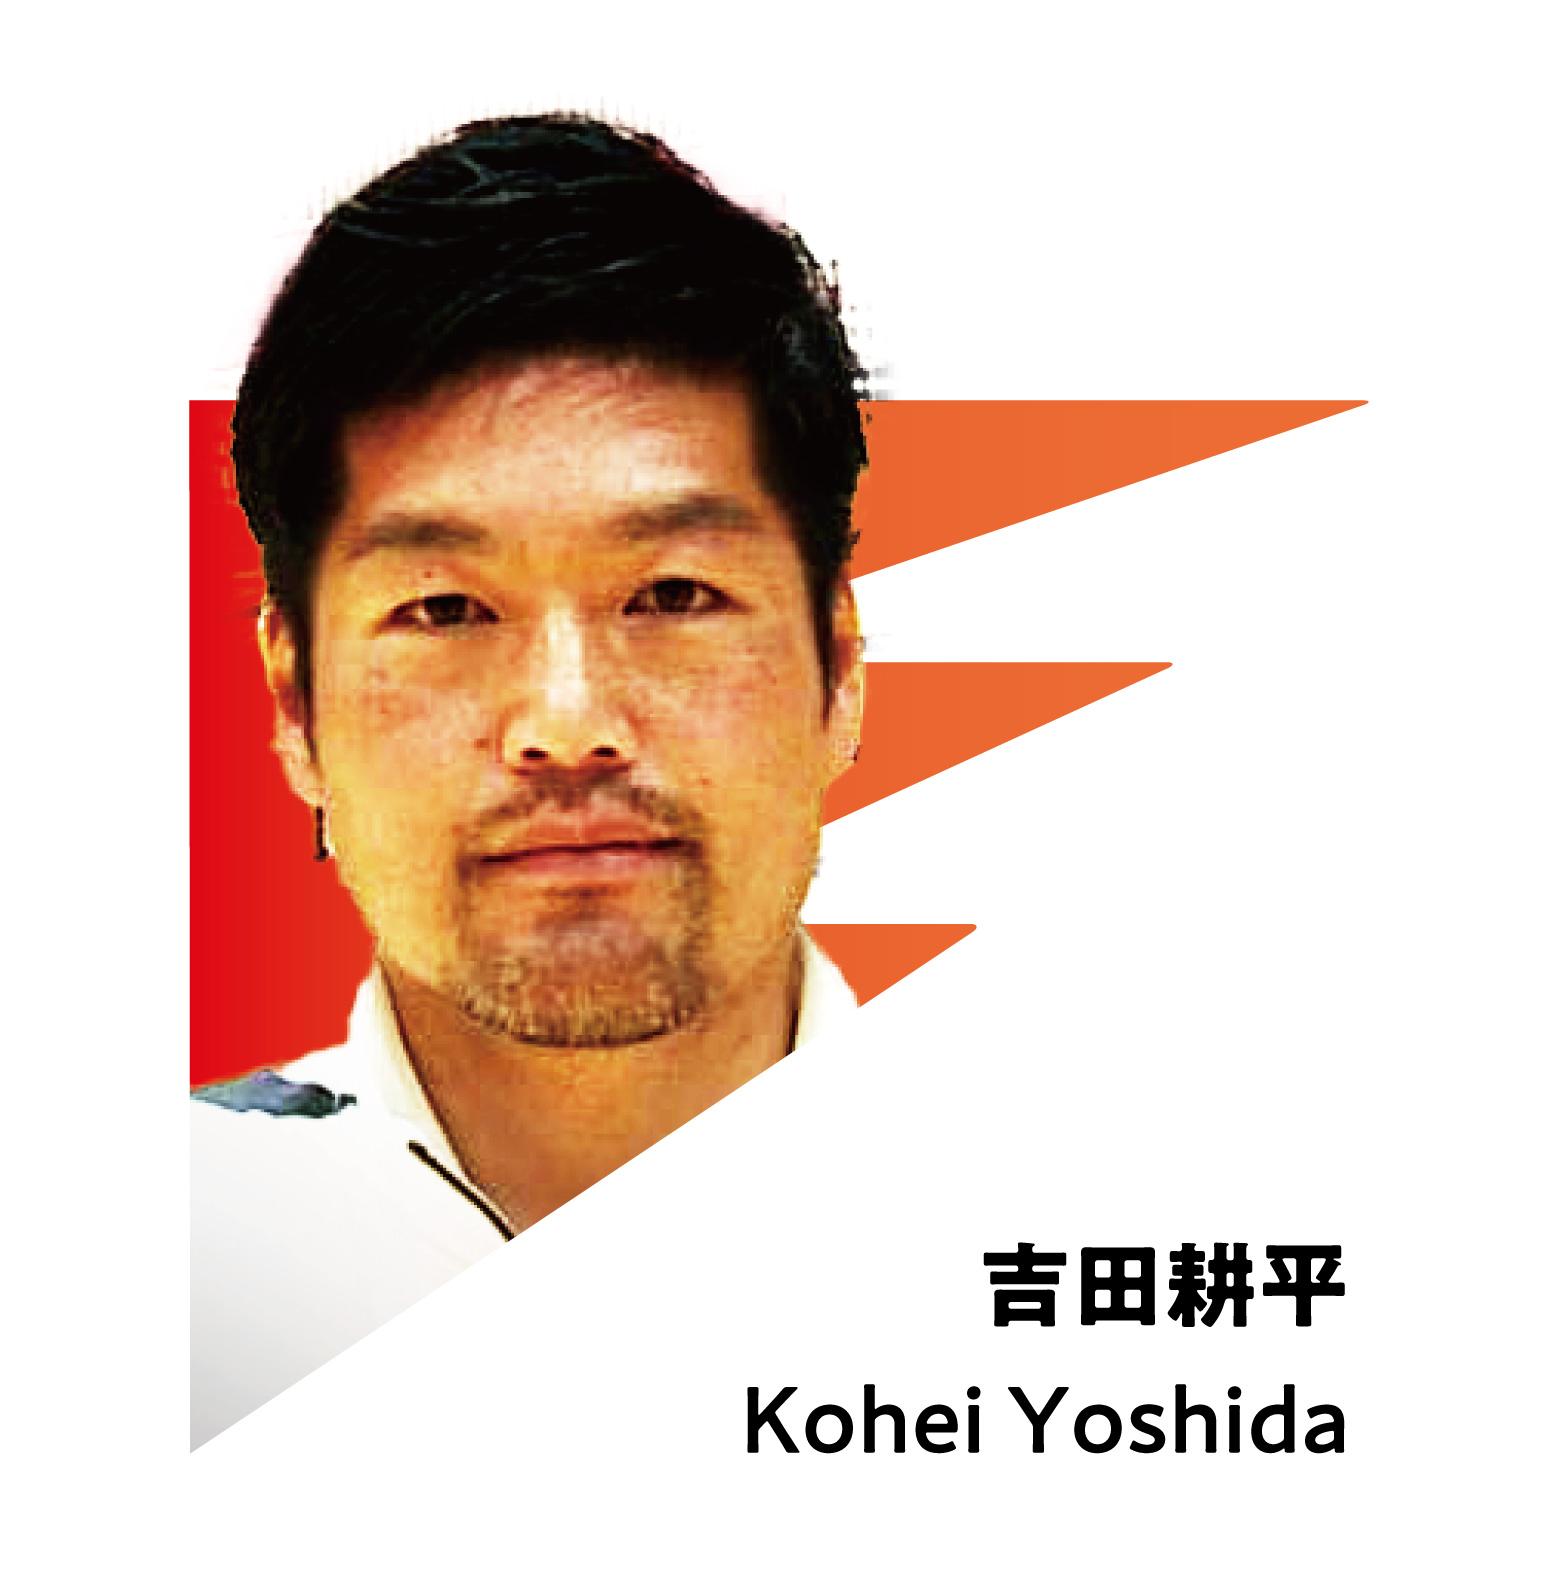 KOHEI YOSHIDA